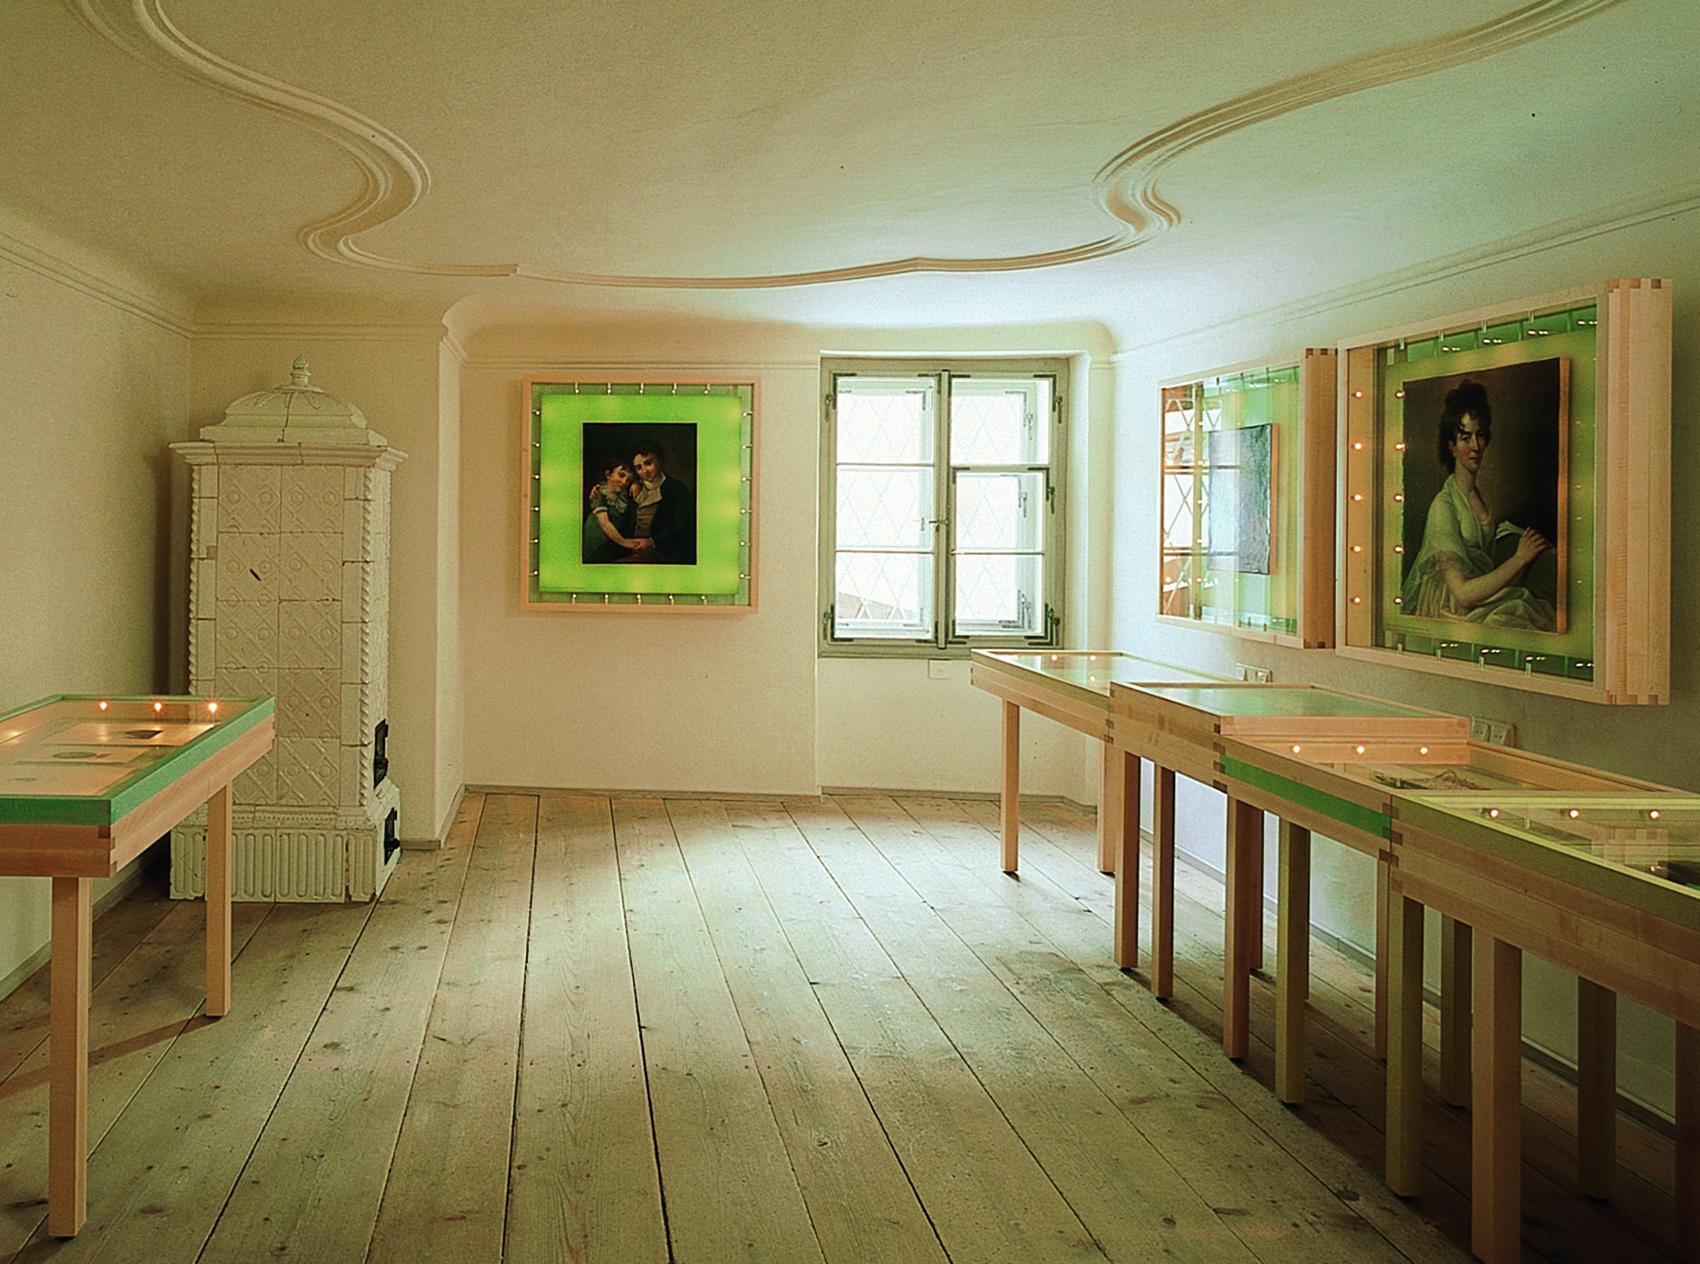 Appartement de vacances Salzburg/Ferienparadies am See/Goldener Herbst/ Christmas & Sylvester (2374298), Seekirchen am Wallersee, Salzbourg plaine, Salzbourg, Autriche, image 18